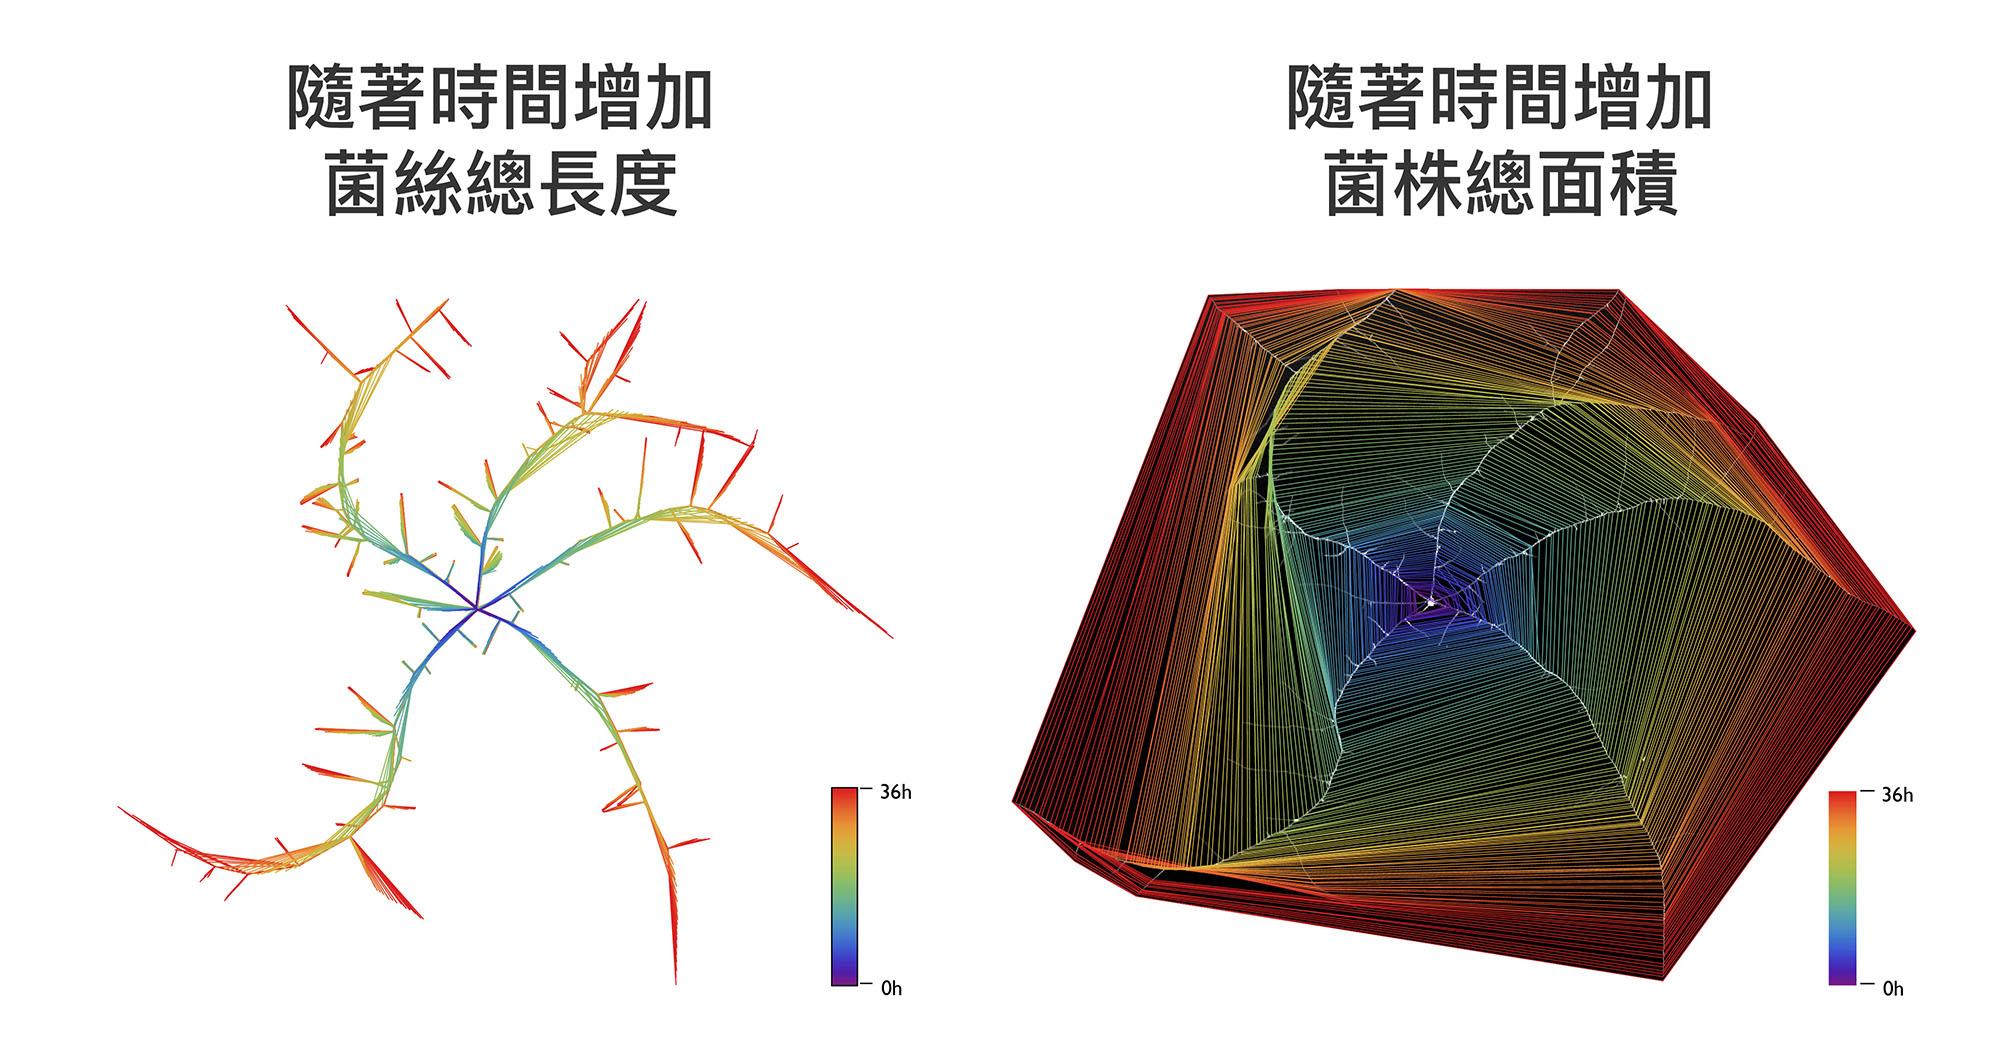 薛雁冰團隊發展的電腦視覺技術,可以明確地計算真菌隨著時間生長的菌絲長度、菌株面積。 資料來源│Vidal-Diez de Ulzurrun G and Hsueh YP, unpublished.